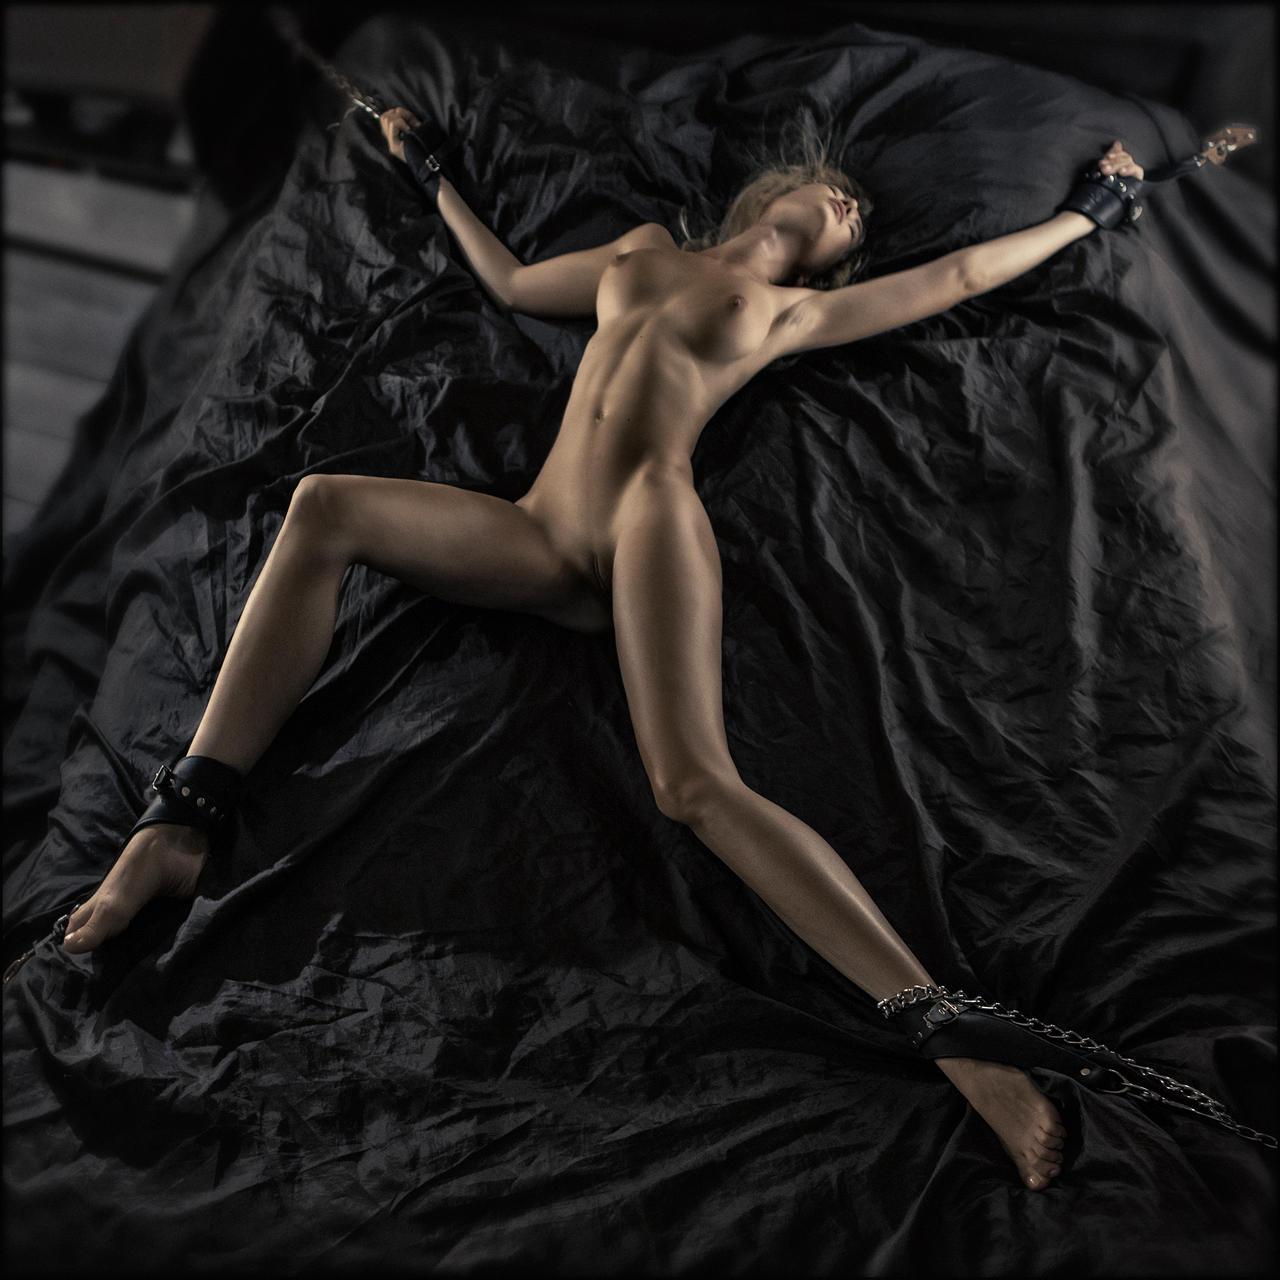 Привязанная к кровати девушка порно 21 фотография